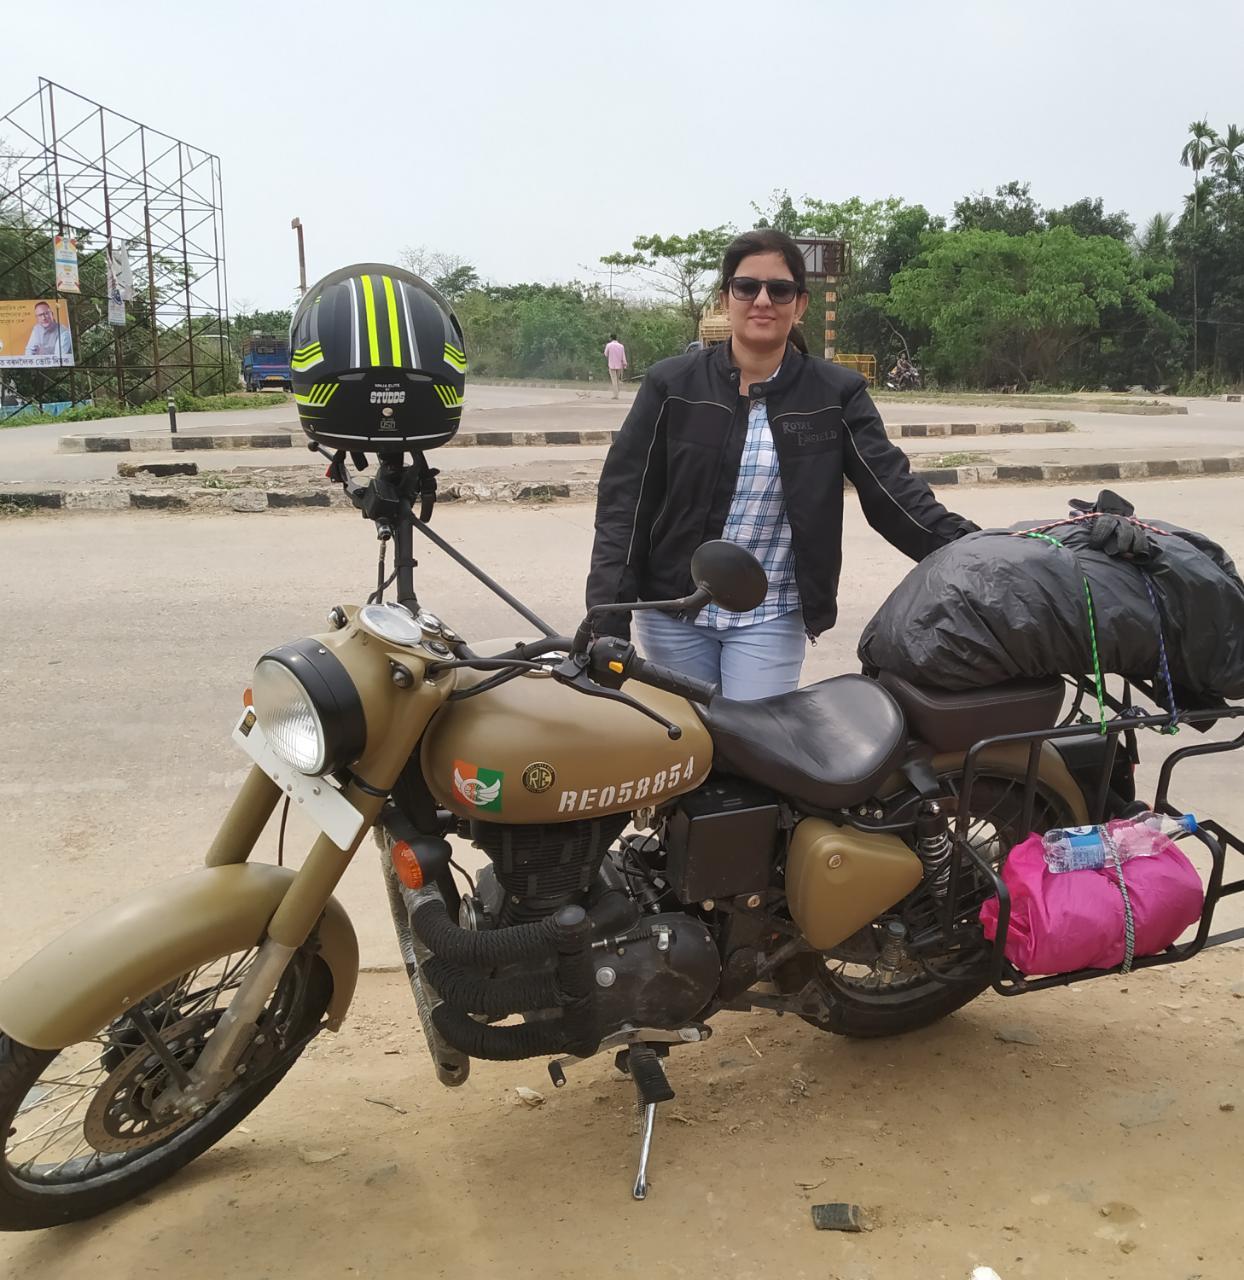 Desert Motorcycling trip – Jaipur to Bikaner